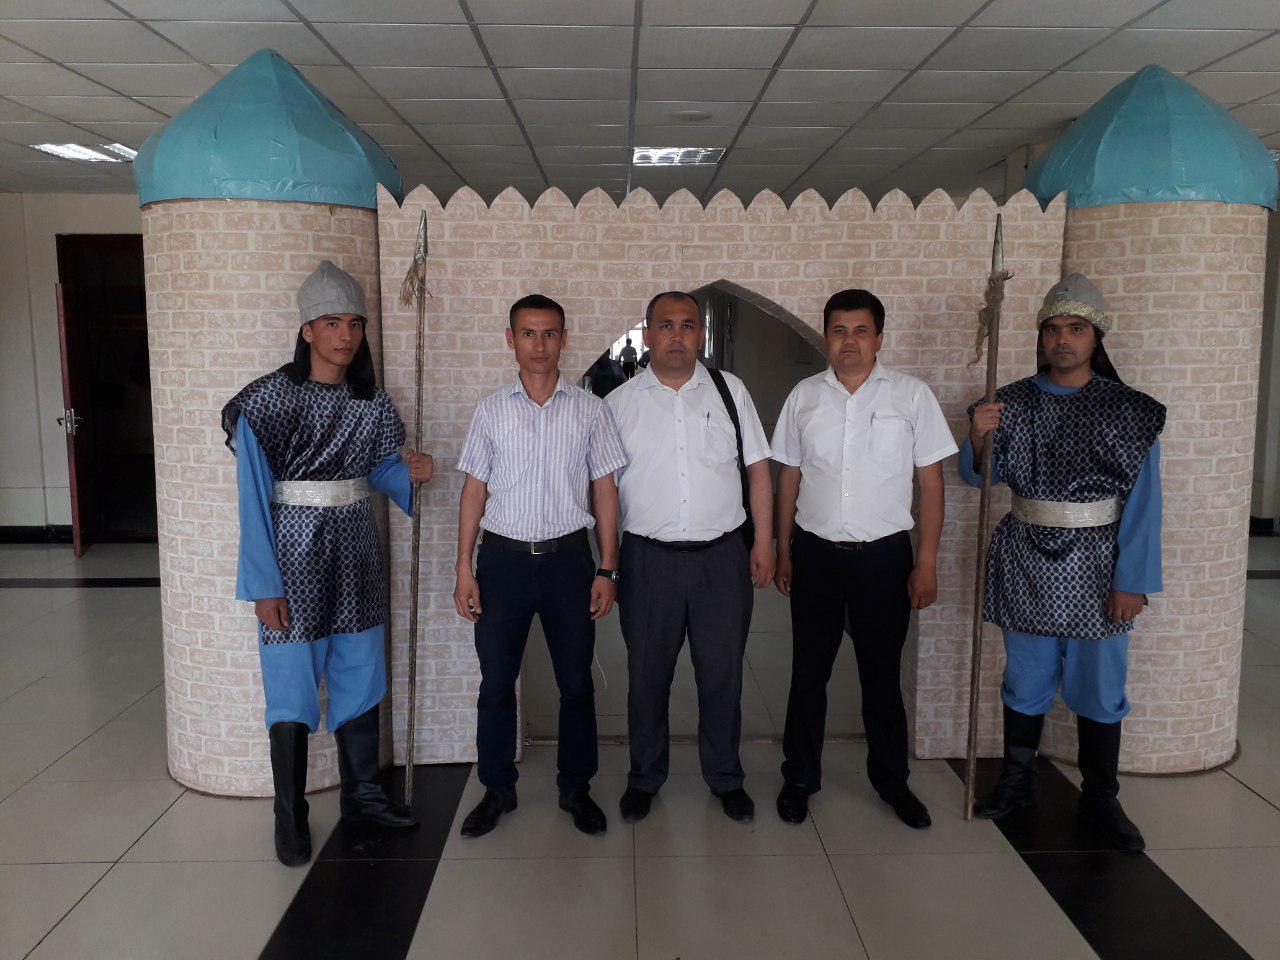 23-may kuni milliy g'oya kafedrasi o'qituvchilari ichki turizim bo'yicha sayoxat uyishtirdilar